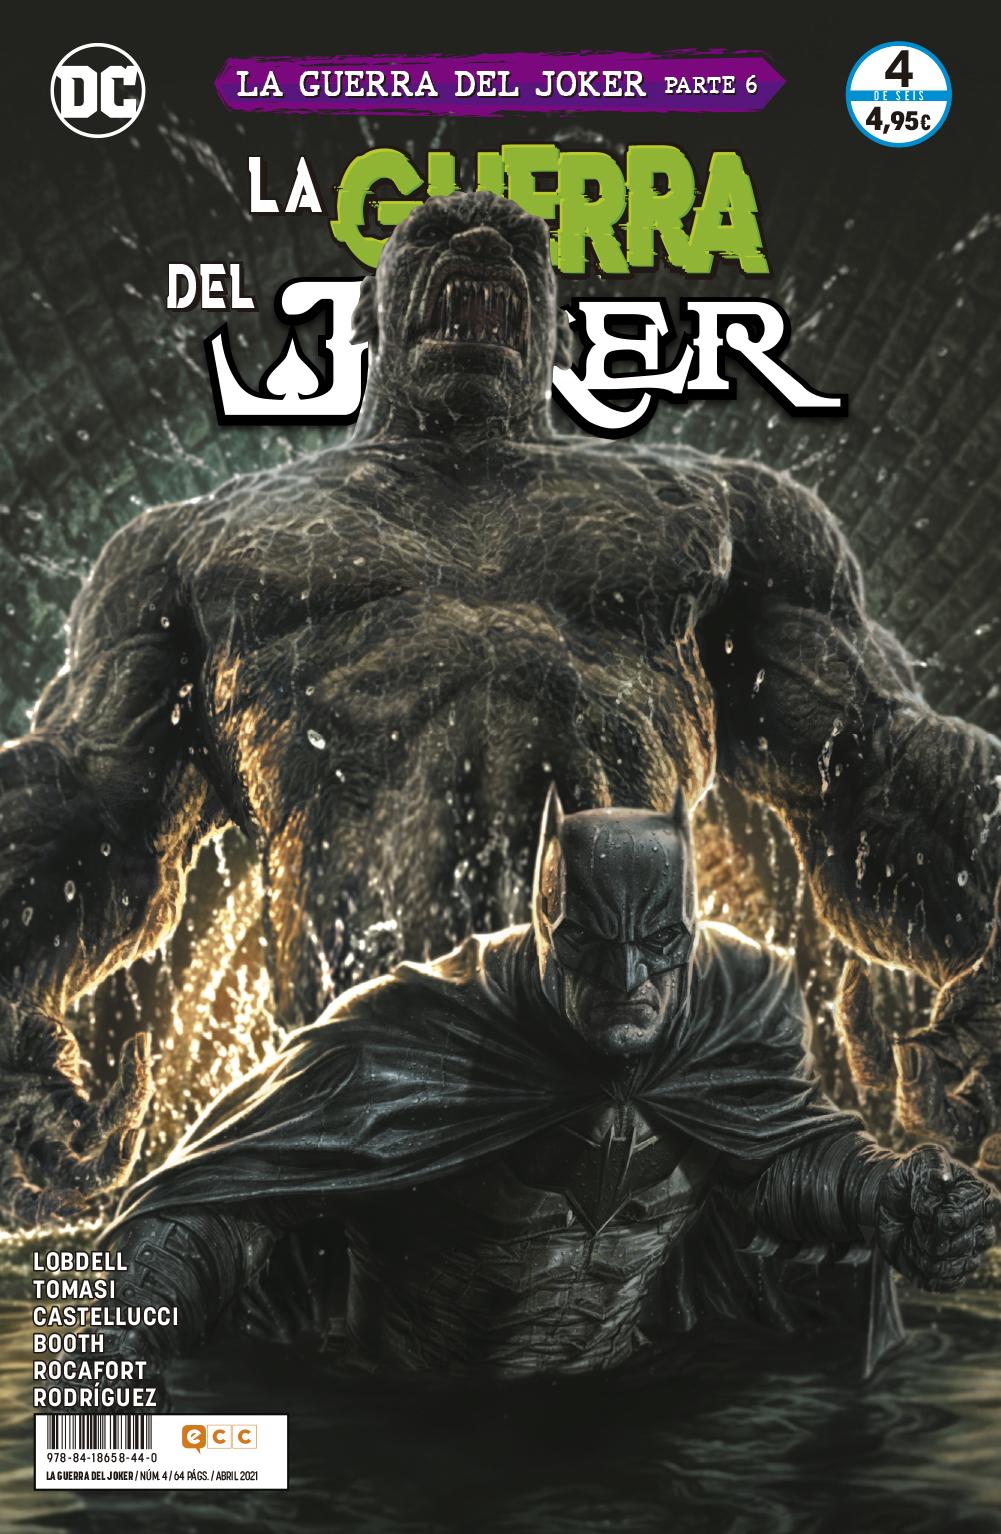 La guerra del Joker núm. 4 de 6